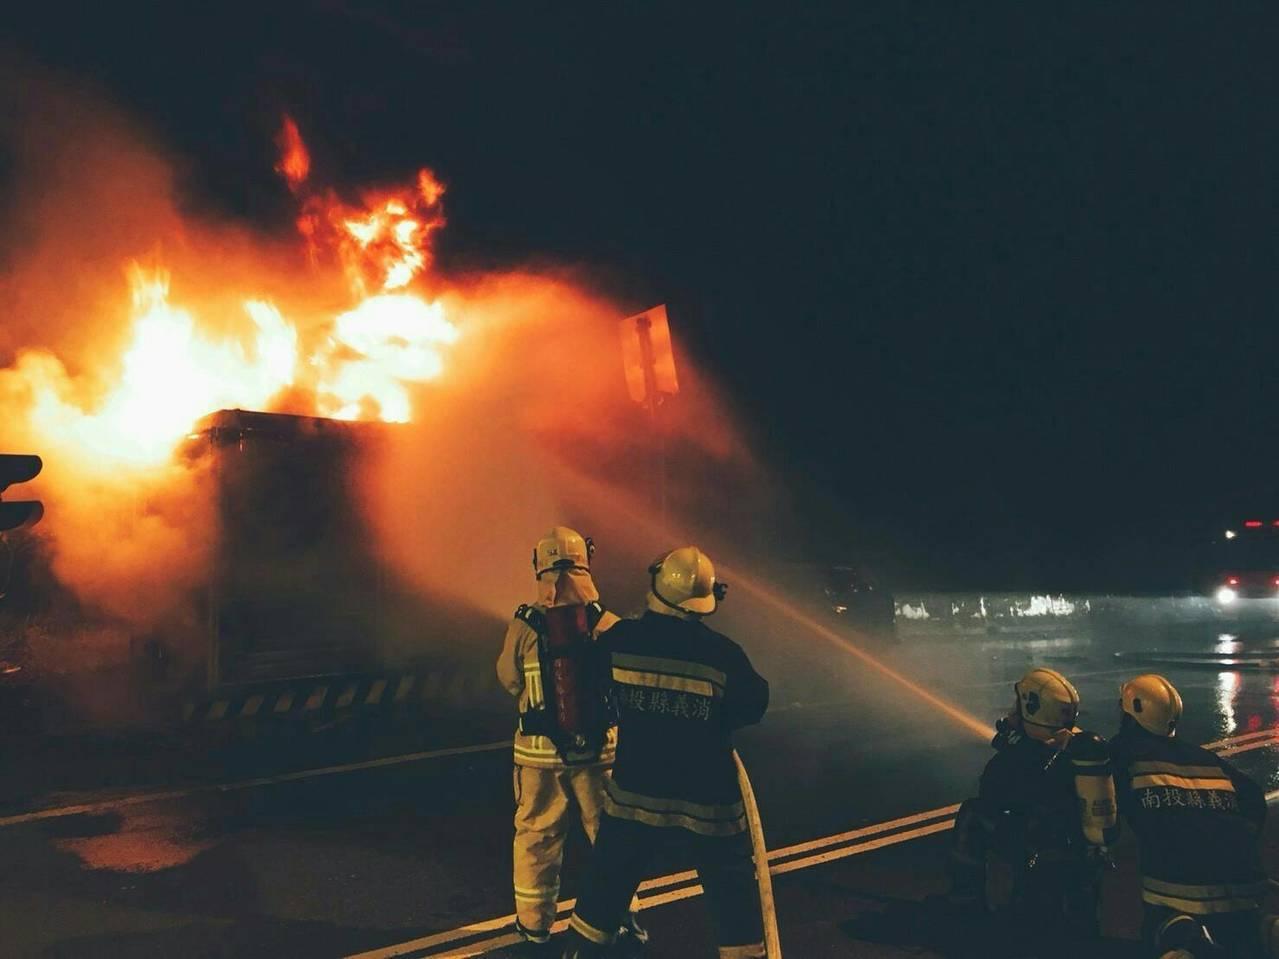 台16線新集集隧道口休旅車凌晨撞上變電箱,整輛車變成一團火球,消防隊員撲滅火勢,...